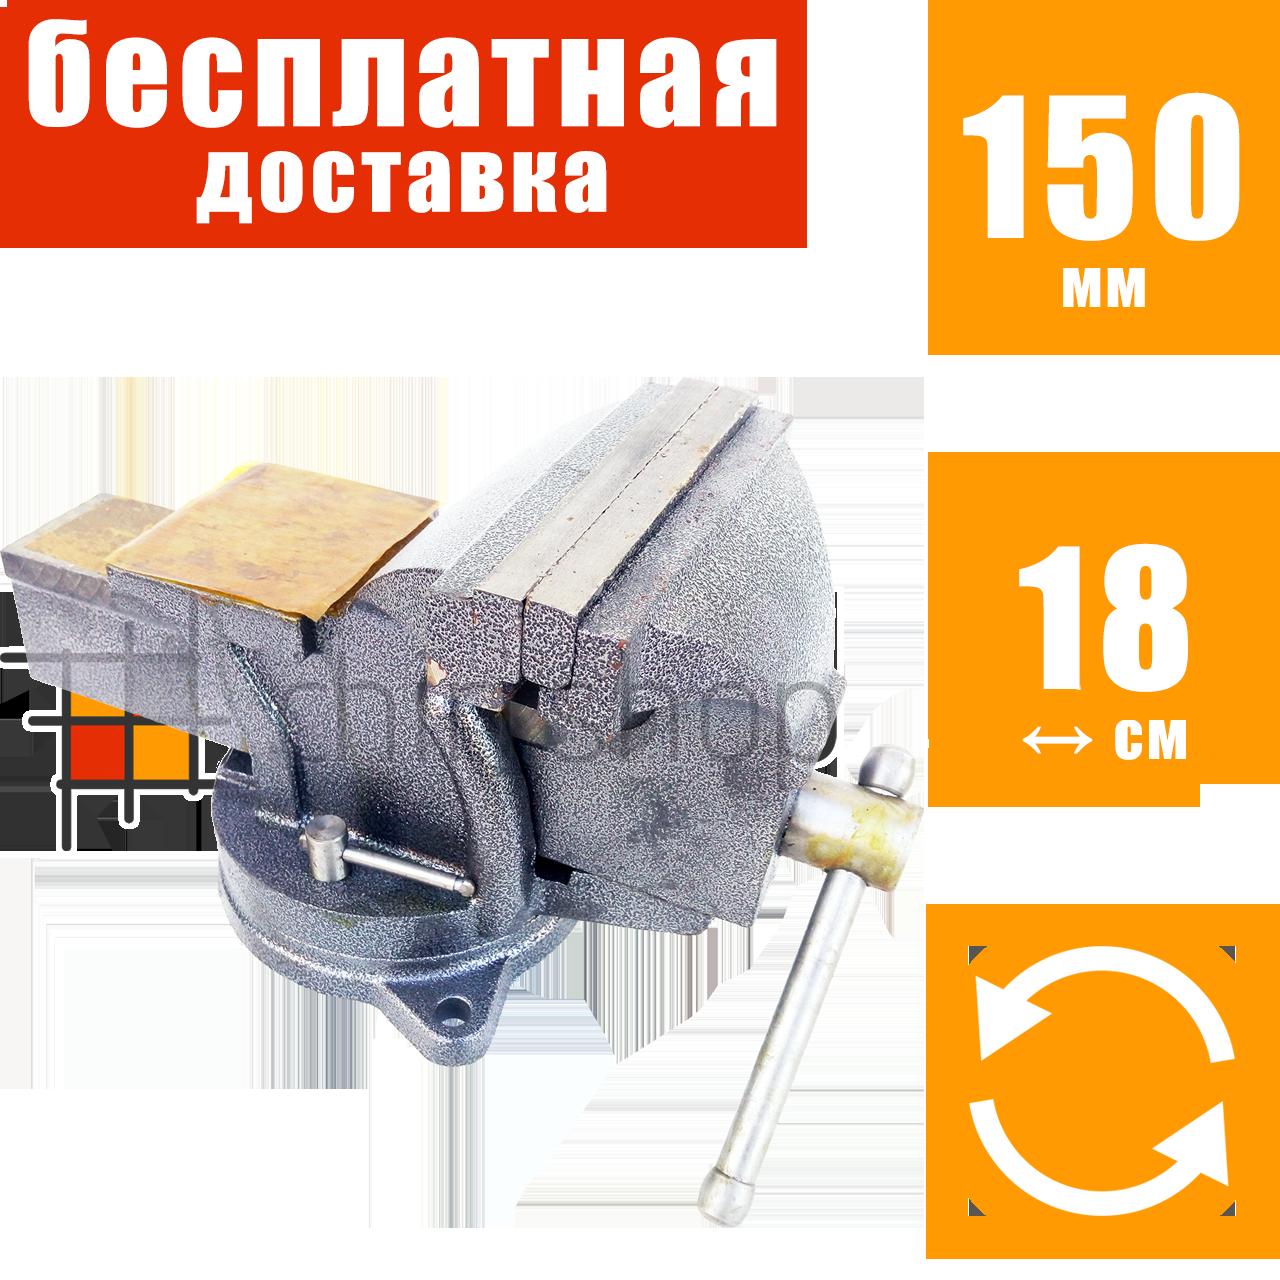 Тиски слесарные поворотные 150 мм / 6″ Mar-Pol, чугунные тисы слесарные с наковальней